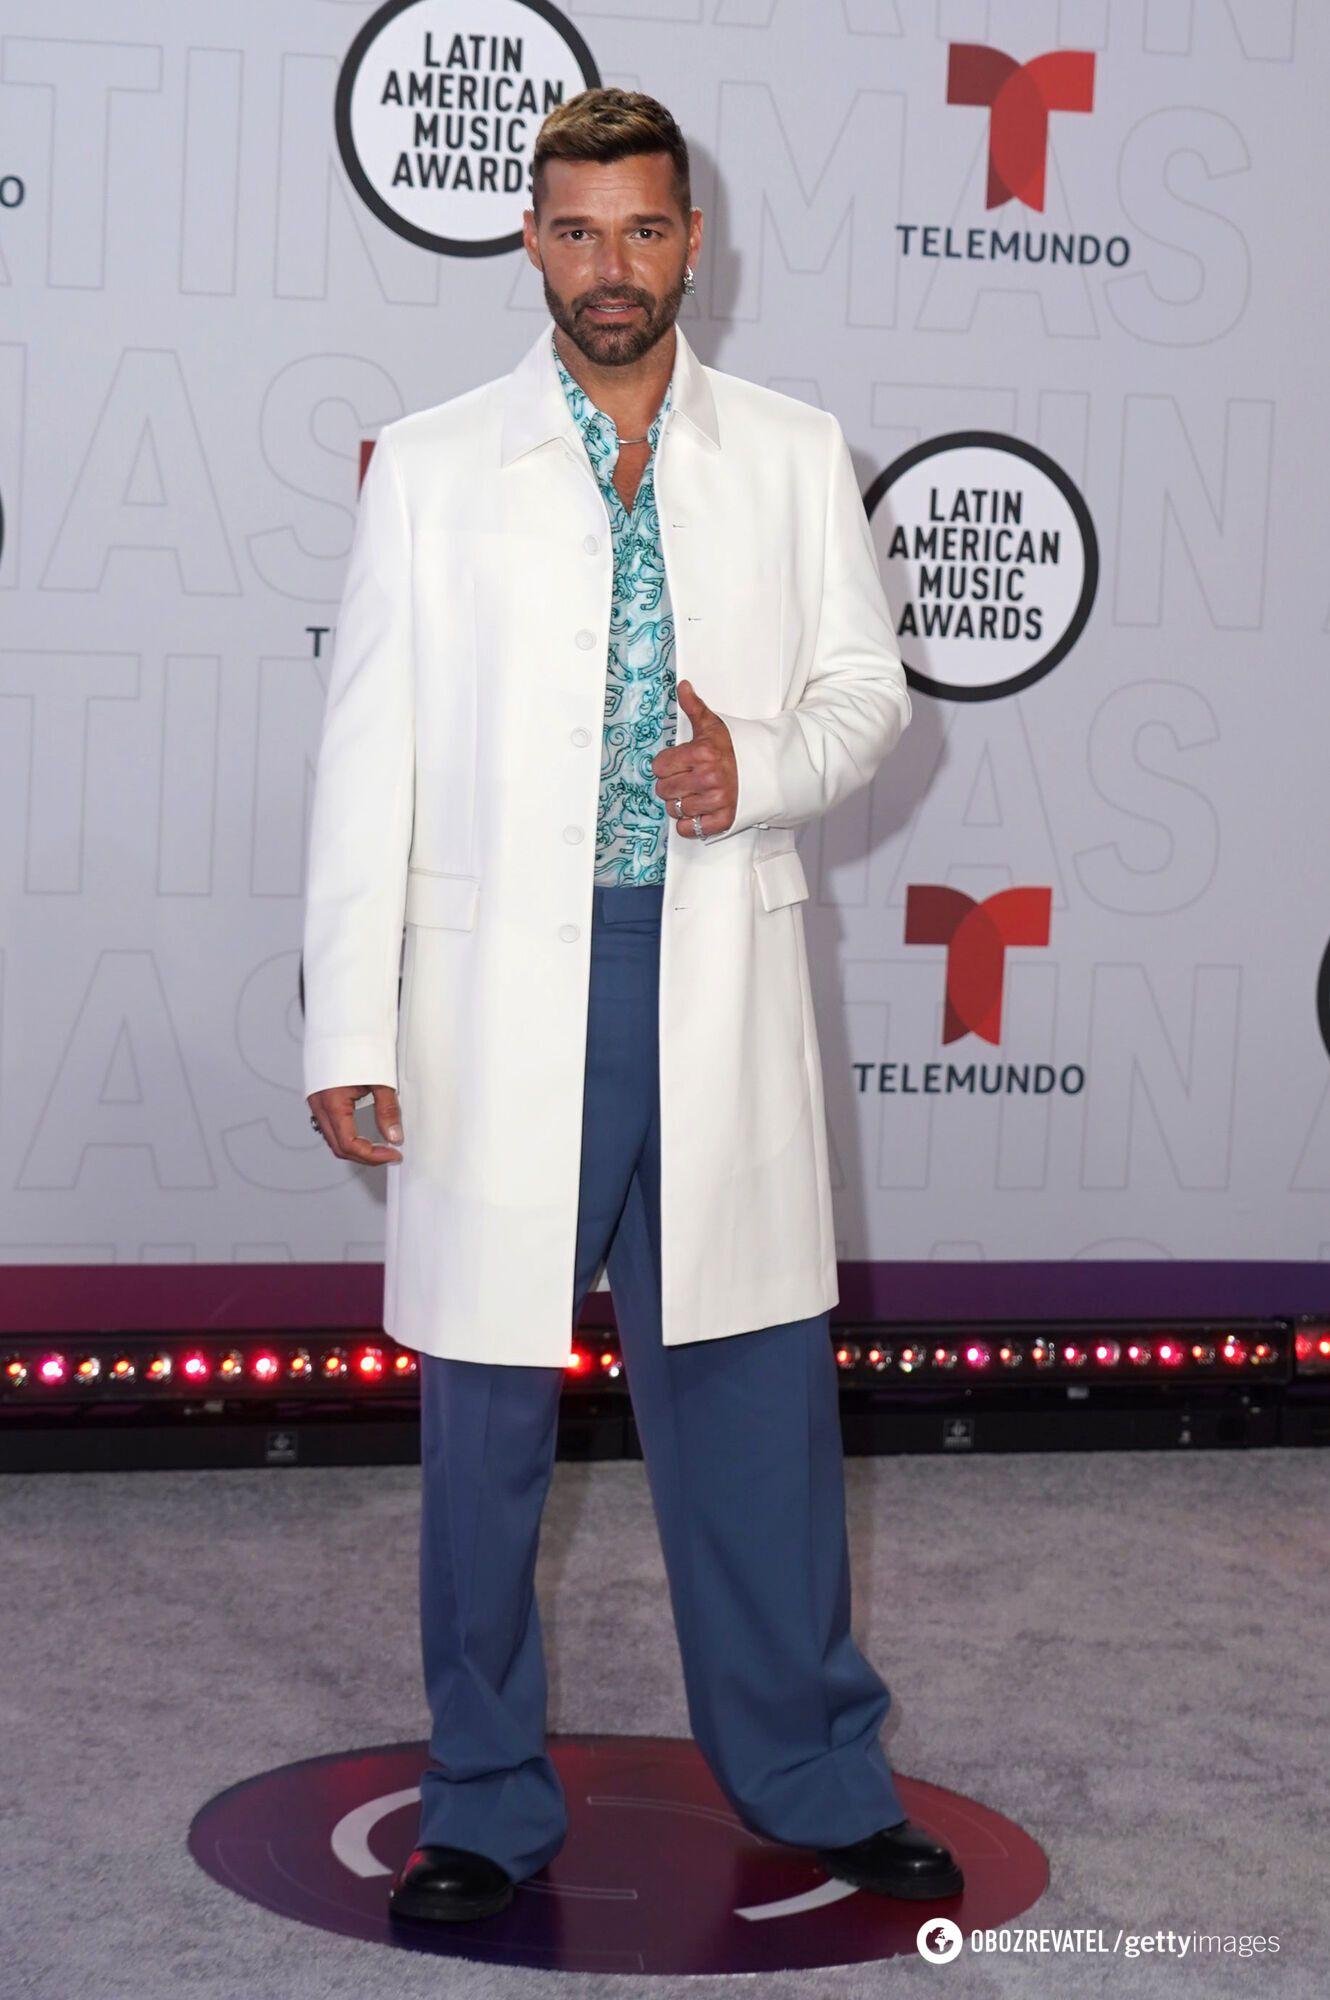 Співак для виходу у світ обрав біле пальто